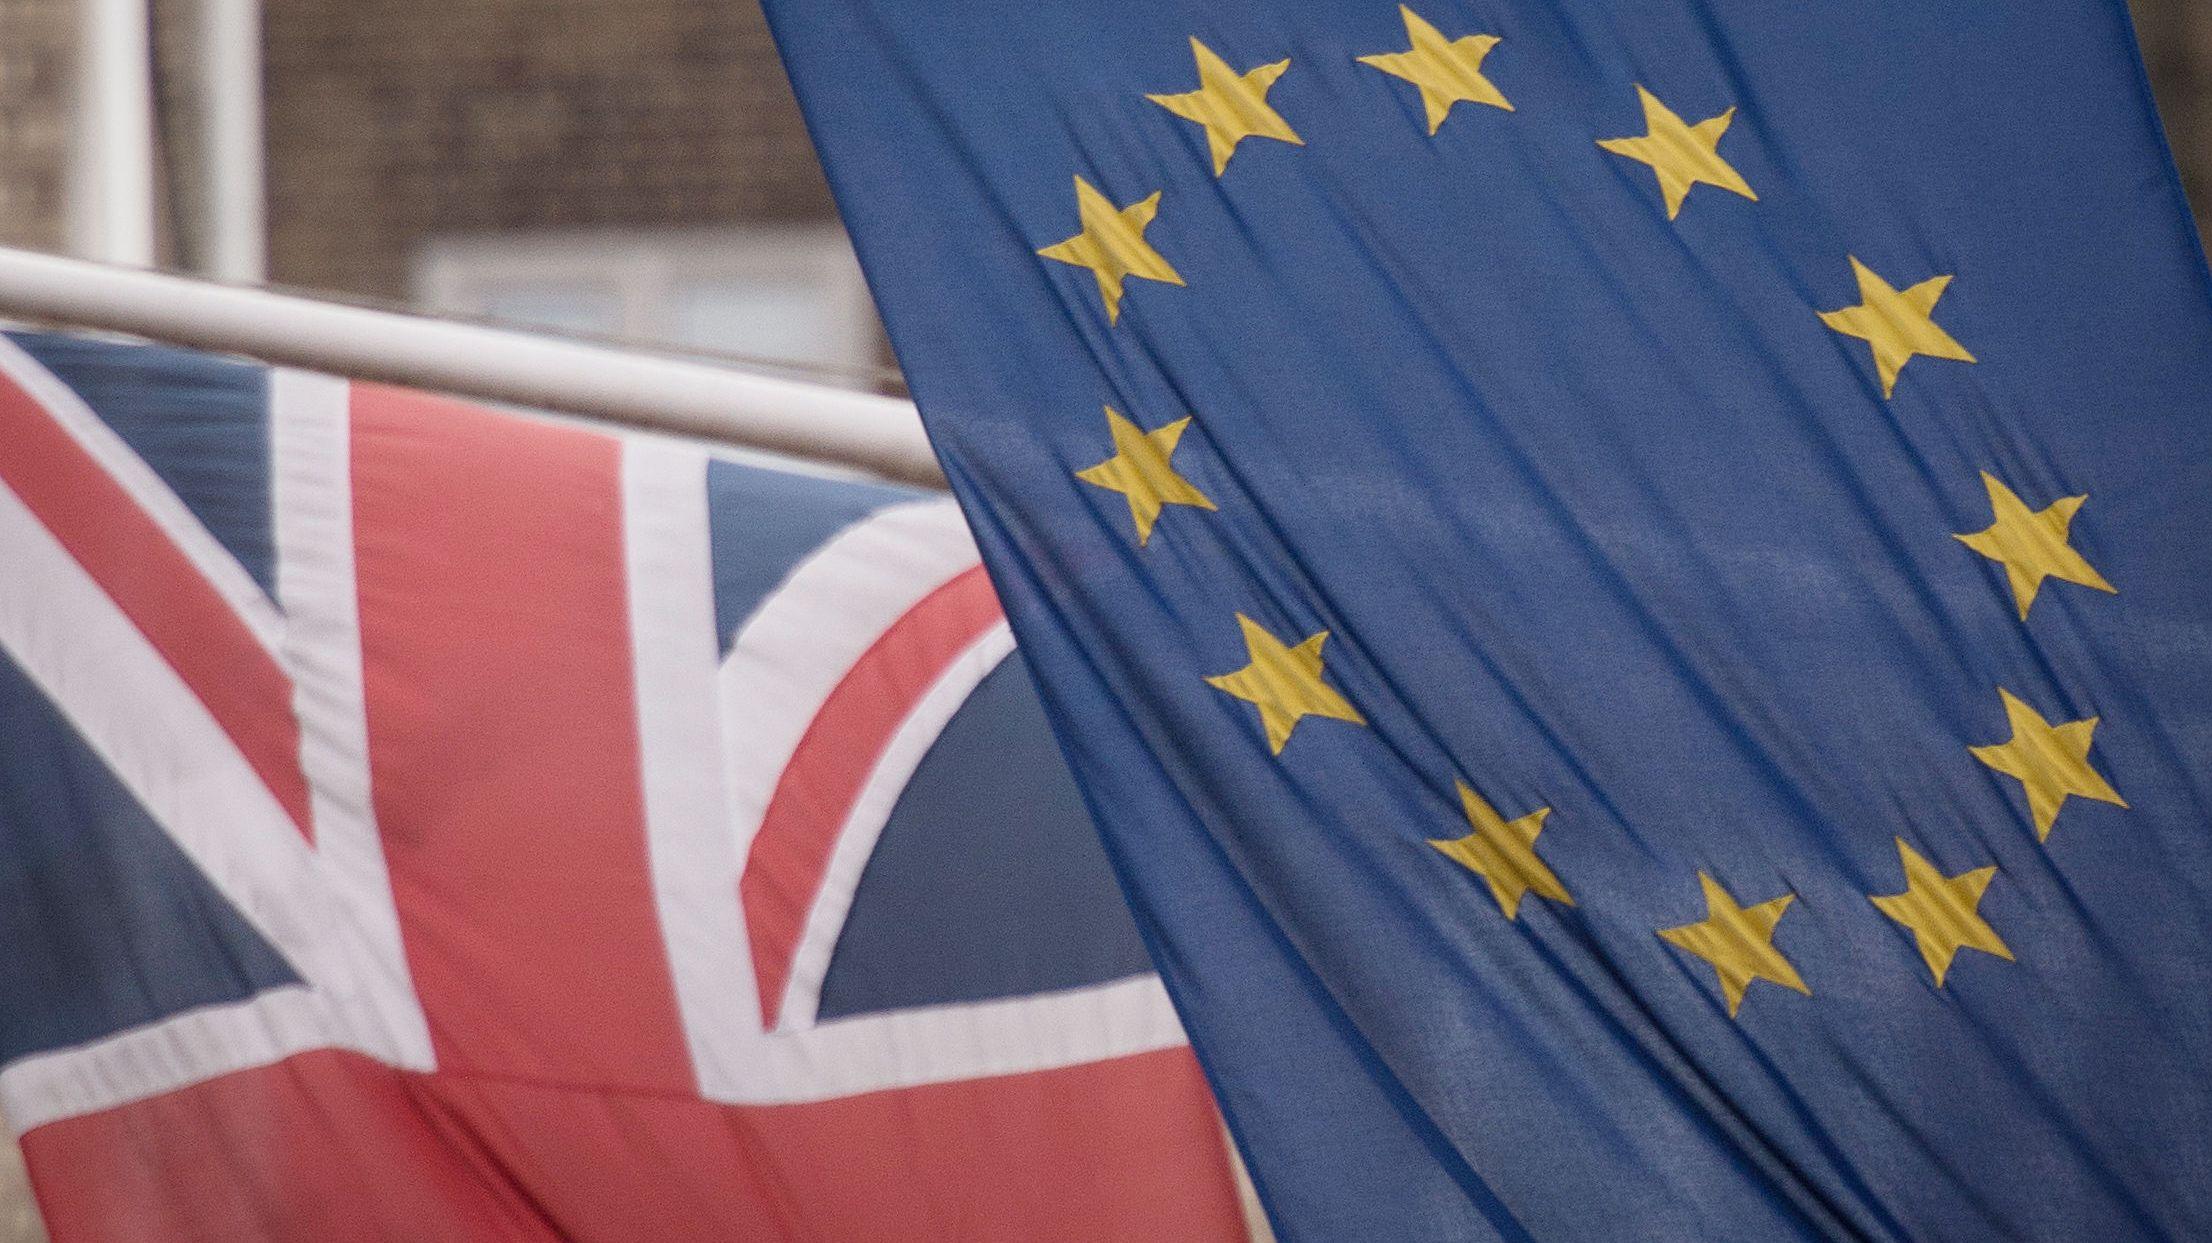 Fahnen der EU und Großbritanniens. (Aufnahme von 2016)